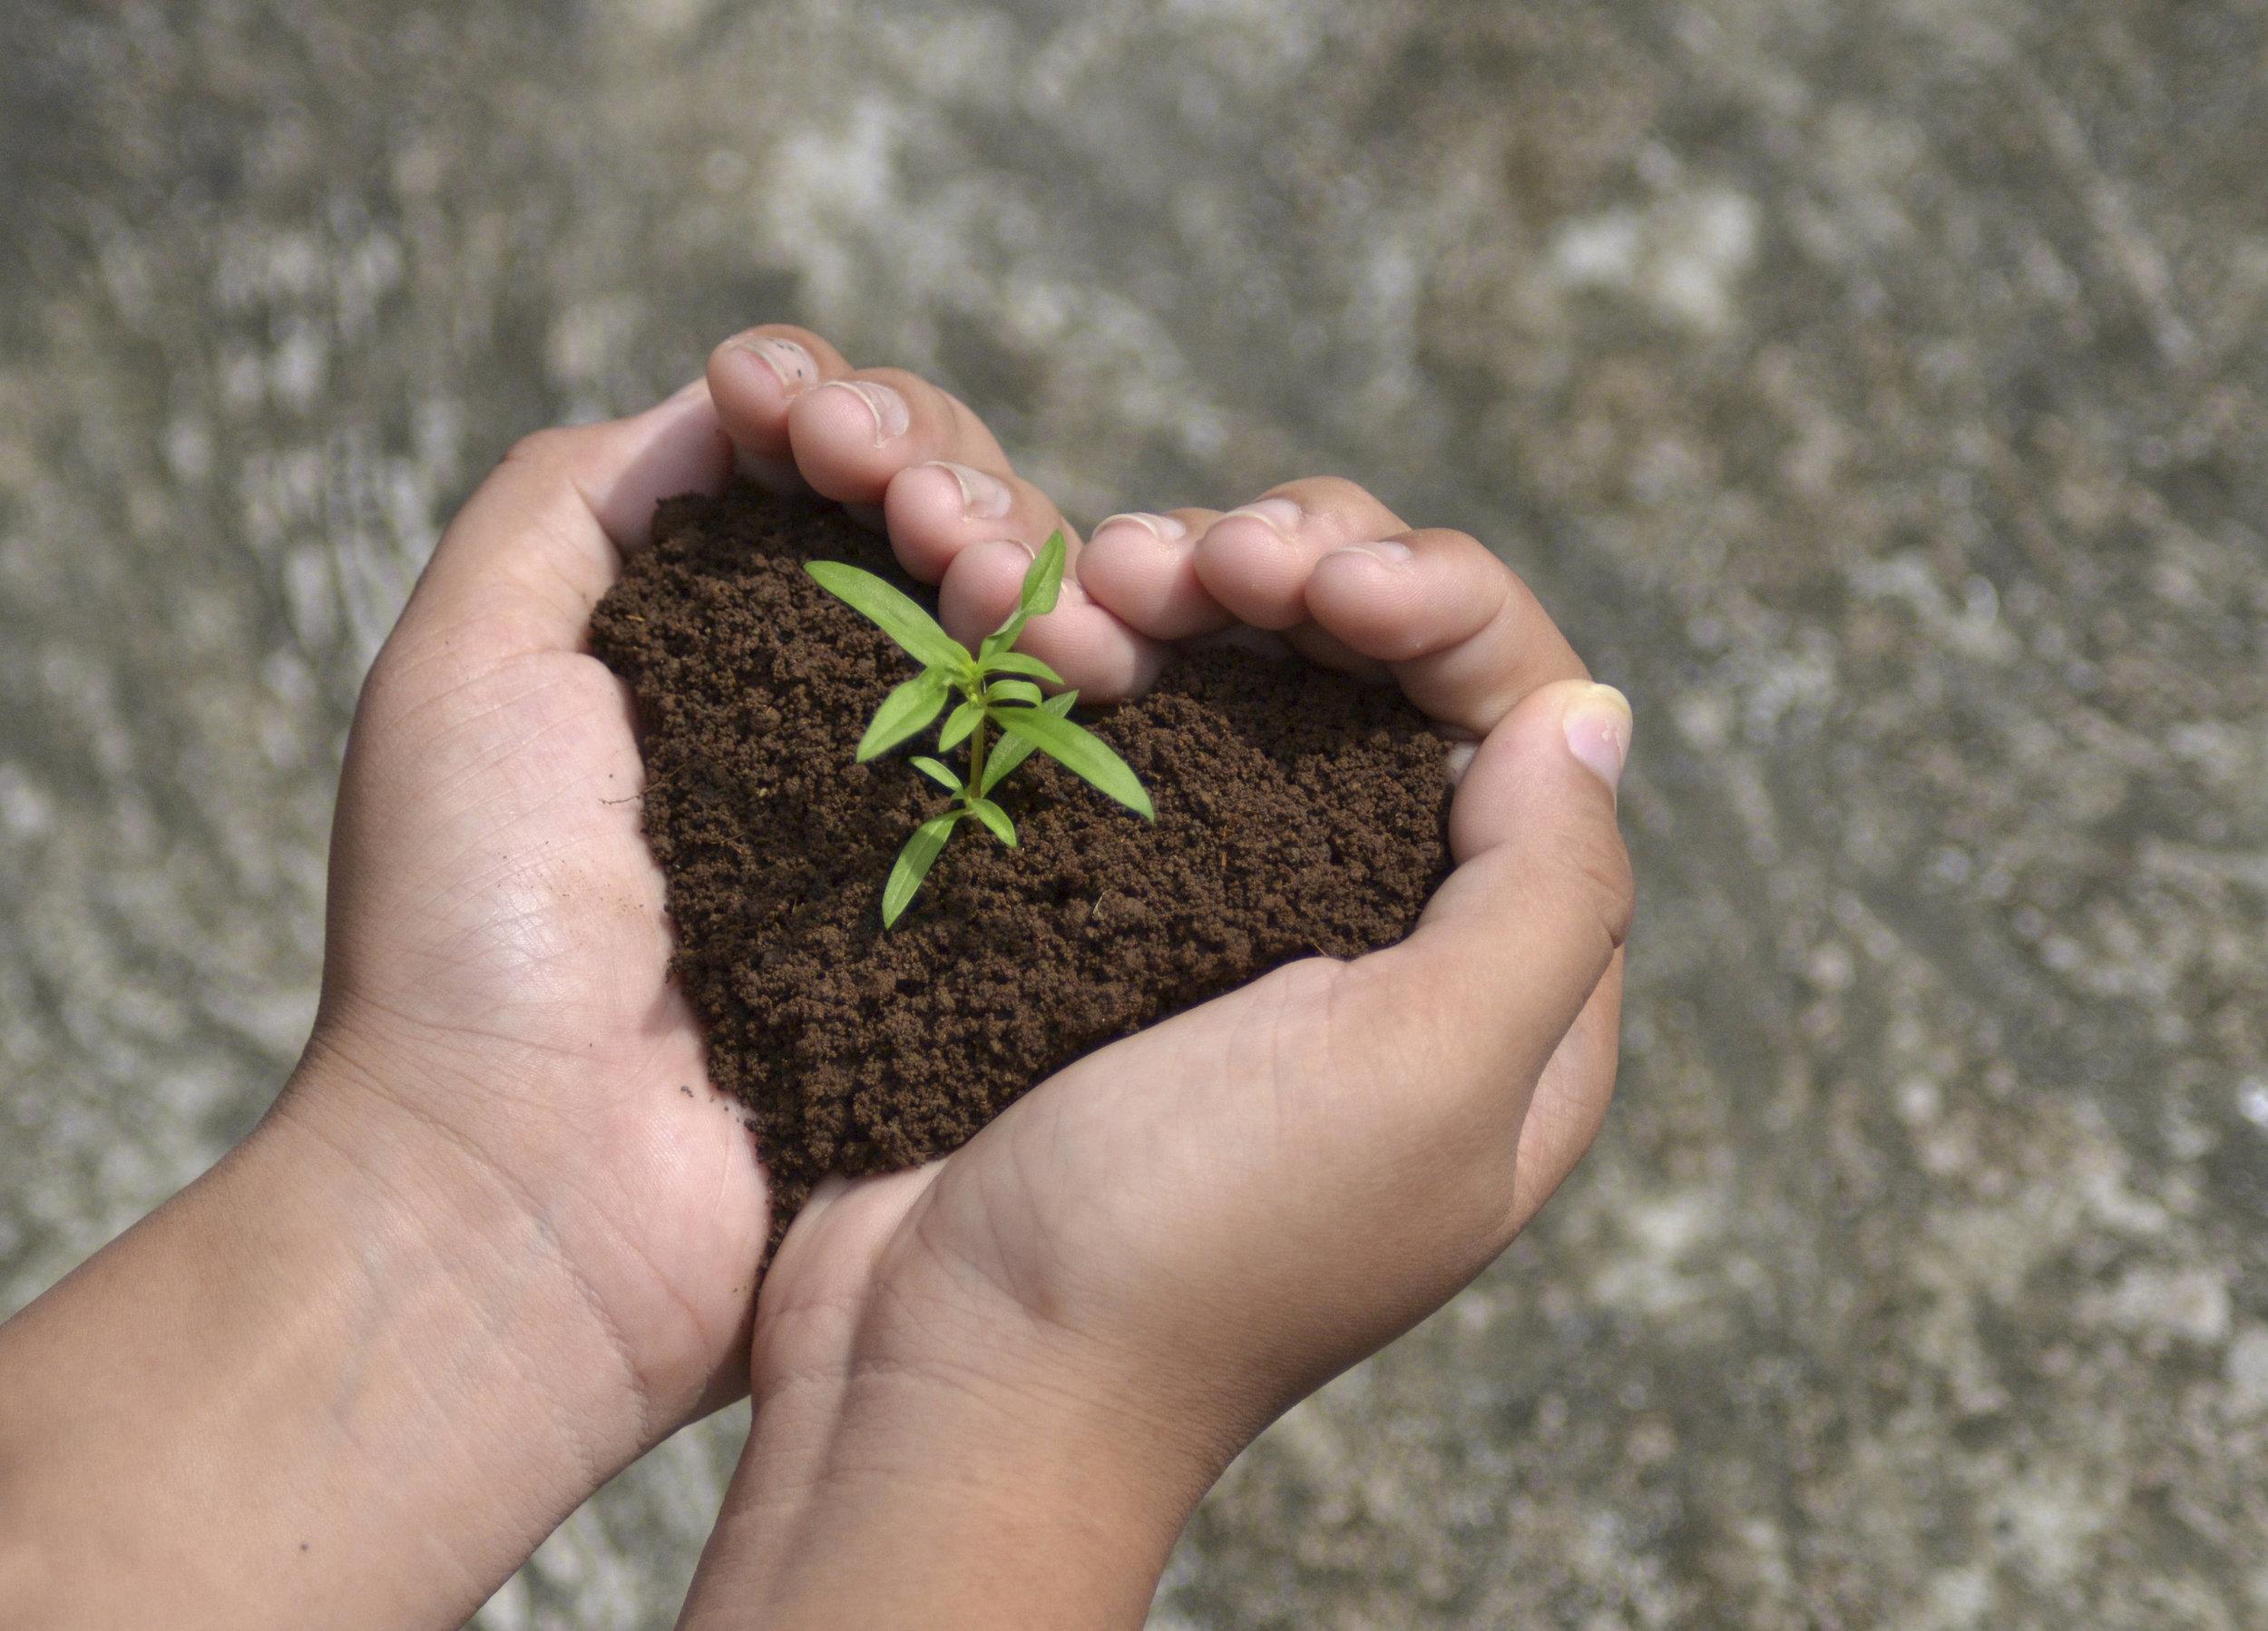 seedling-growing-in-hands-heart-shape-soil.jpg